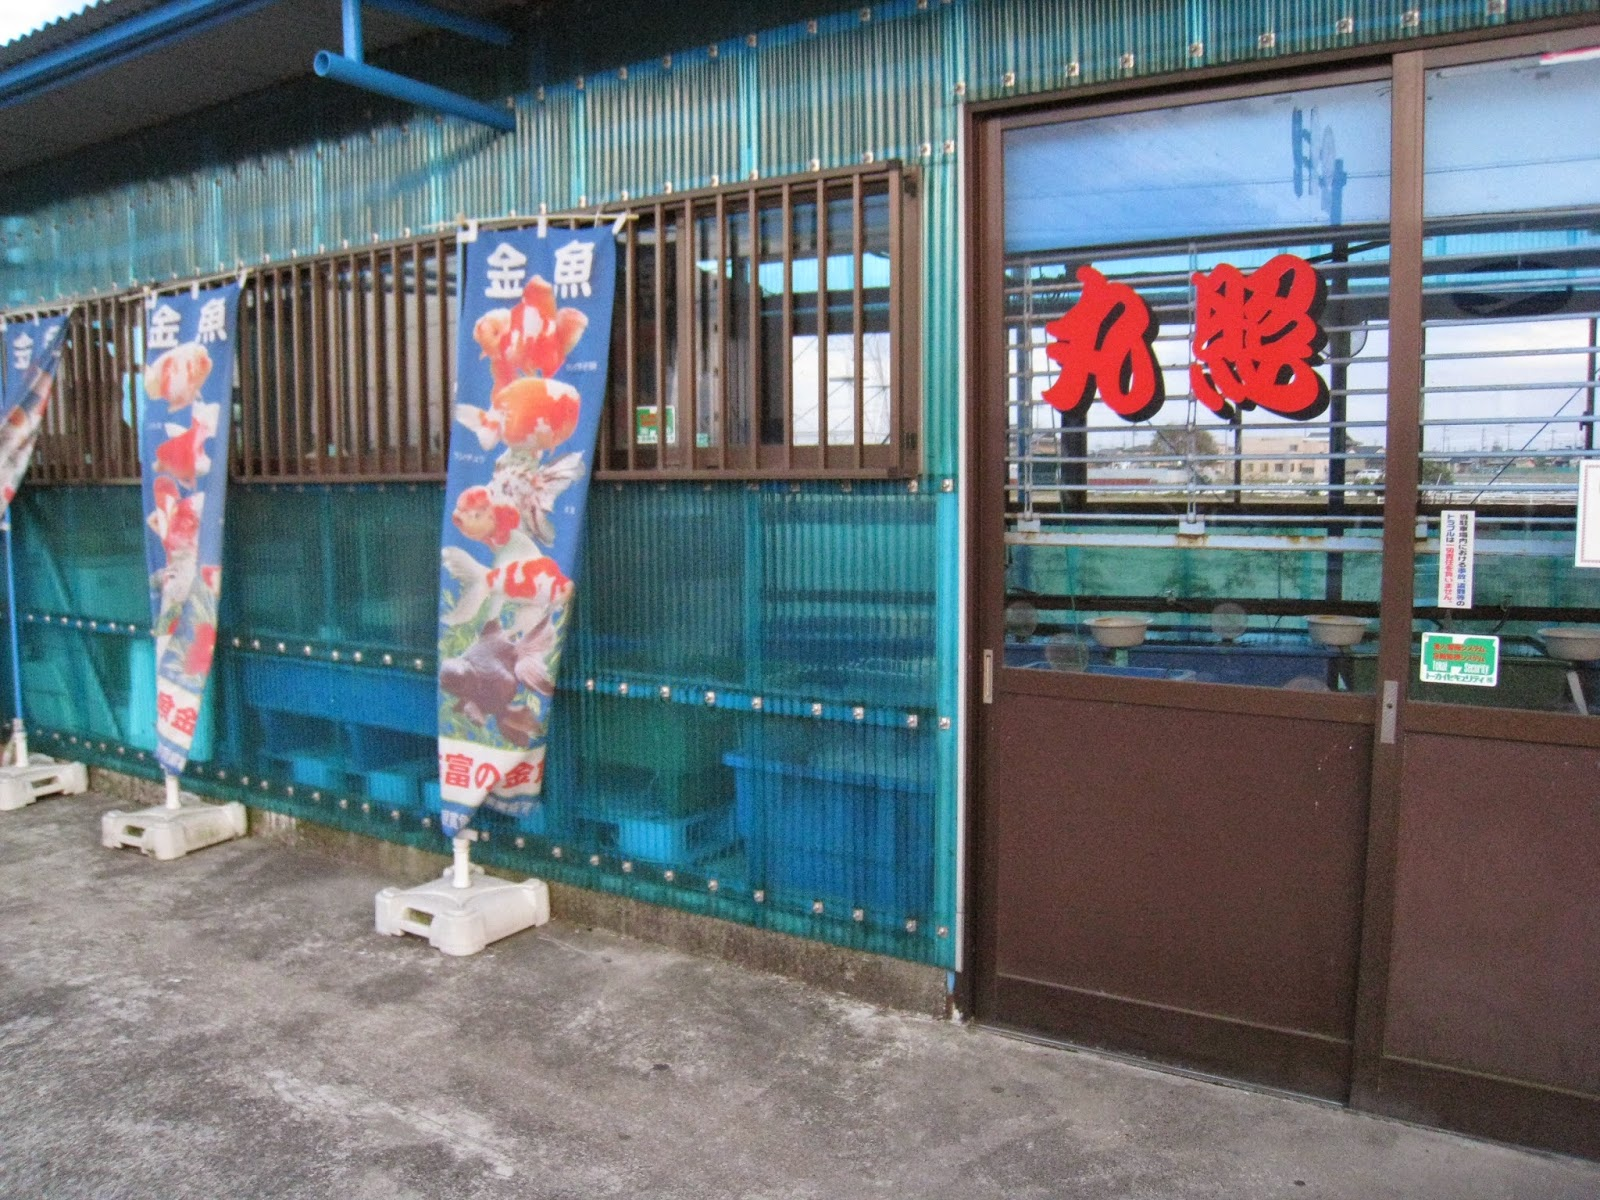 養魚 場 照 丸 丸照養魚場 弥富の金魚小売専門店